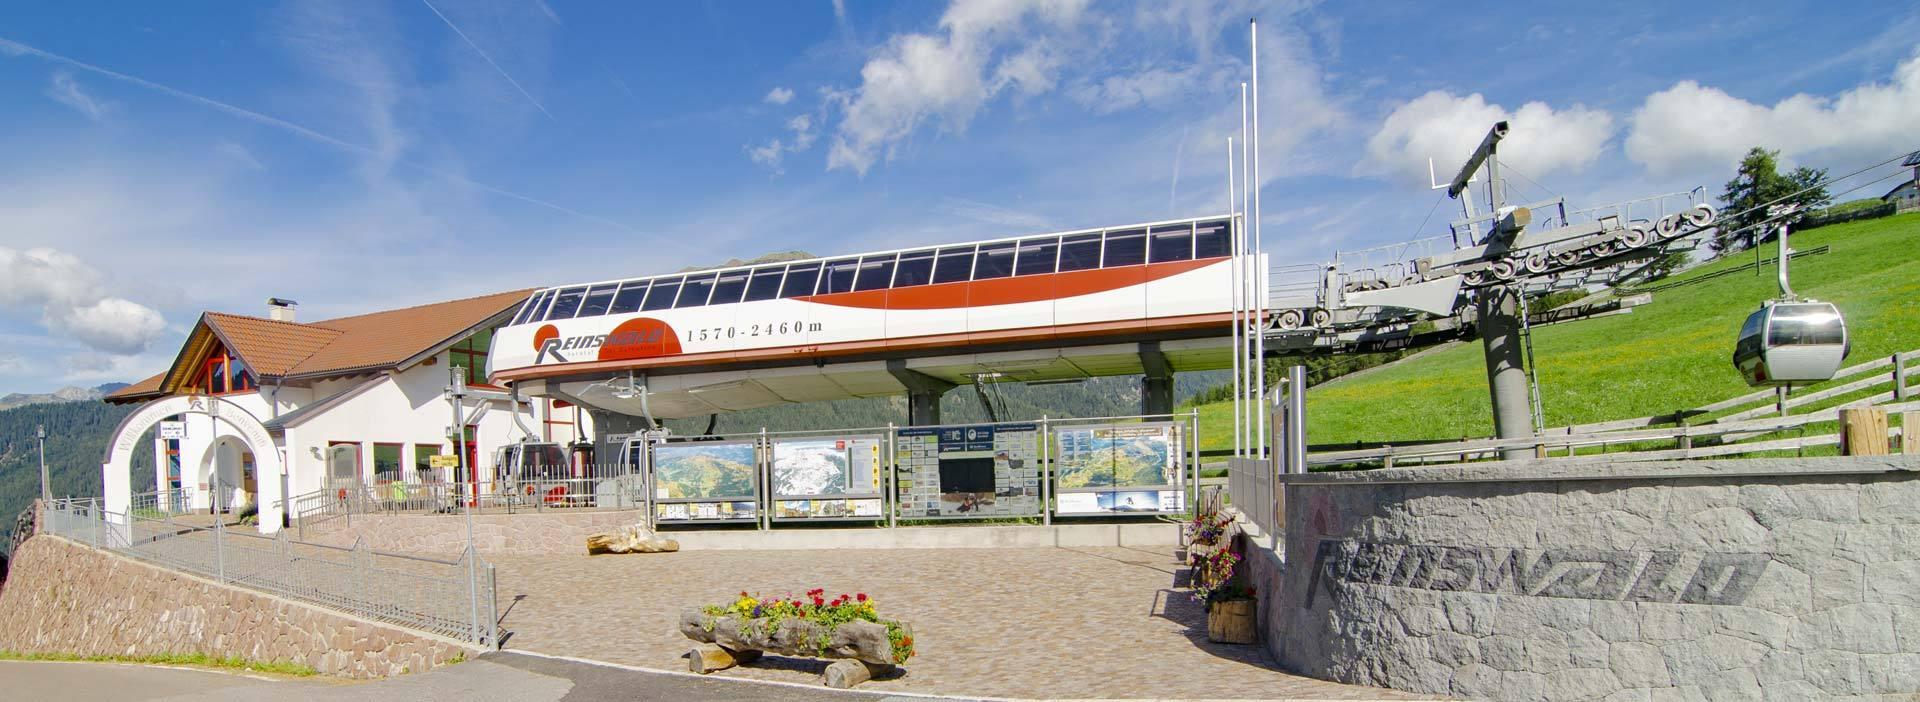 Umlaufbahn Reinswald